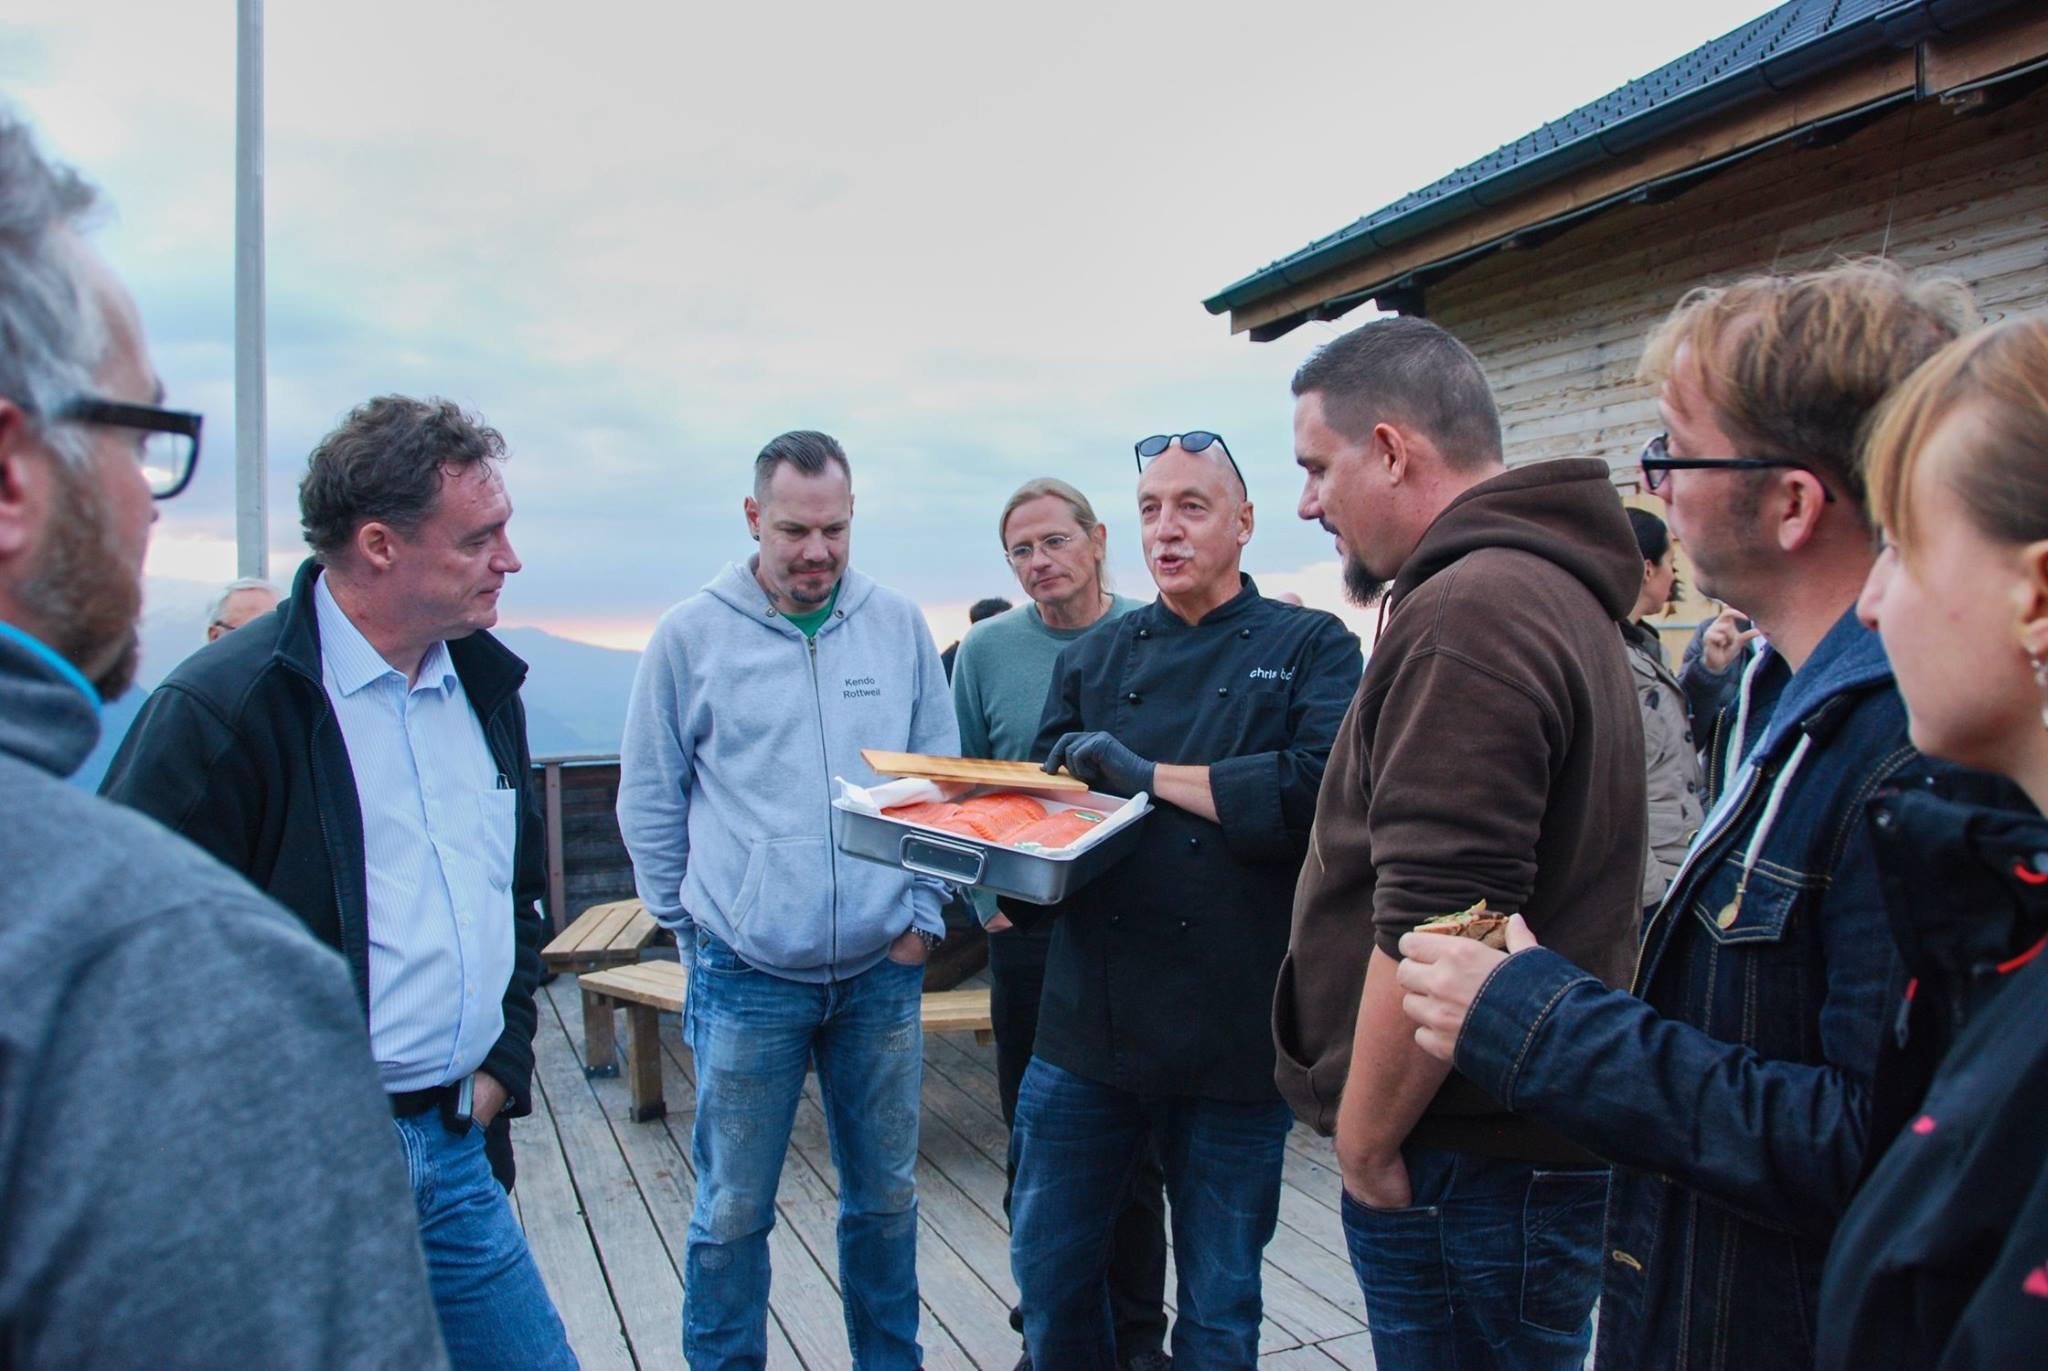 irish-organic-salmon-chillfood-demonstration-switzerland